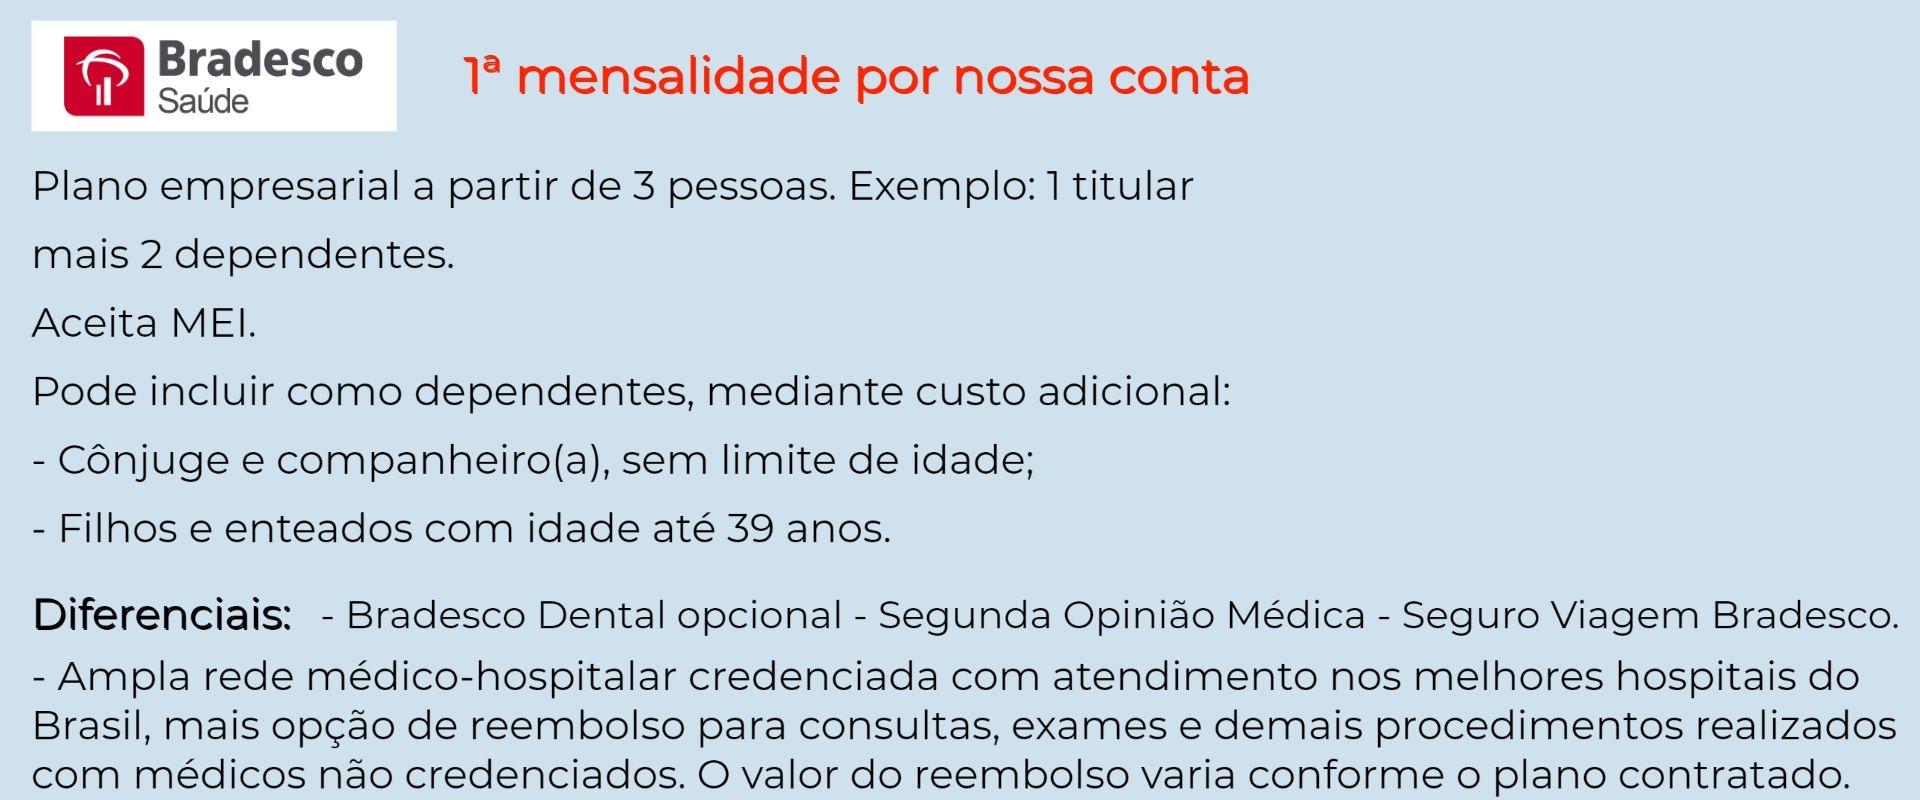 Bradesco Saúde Empresarial - Seabra